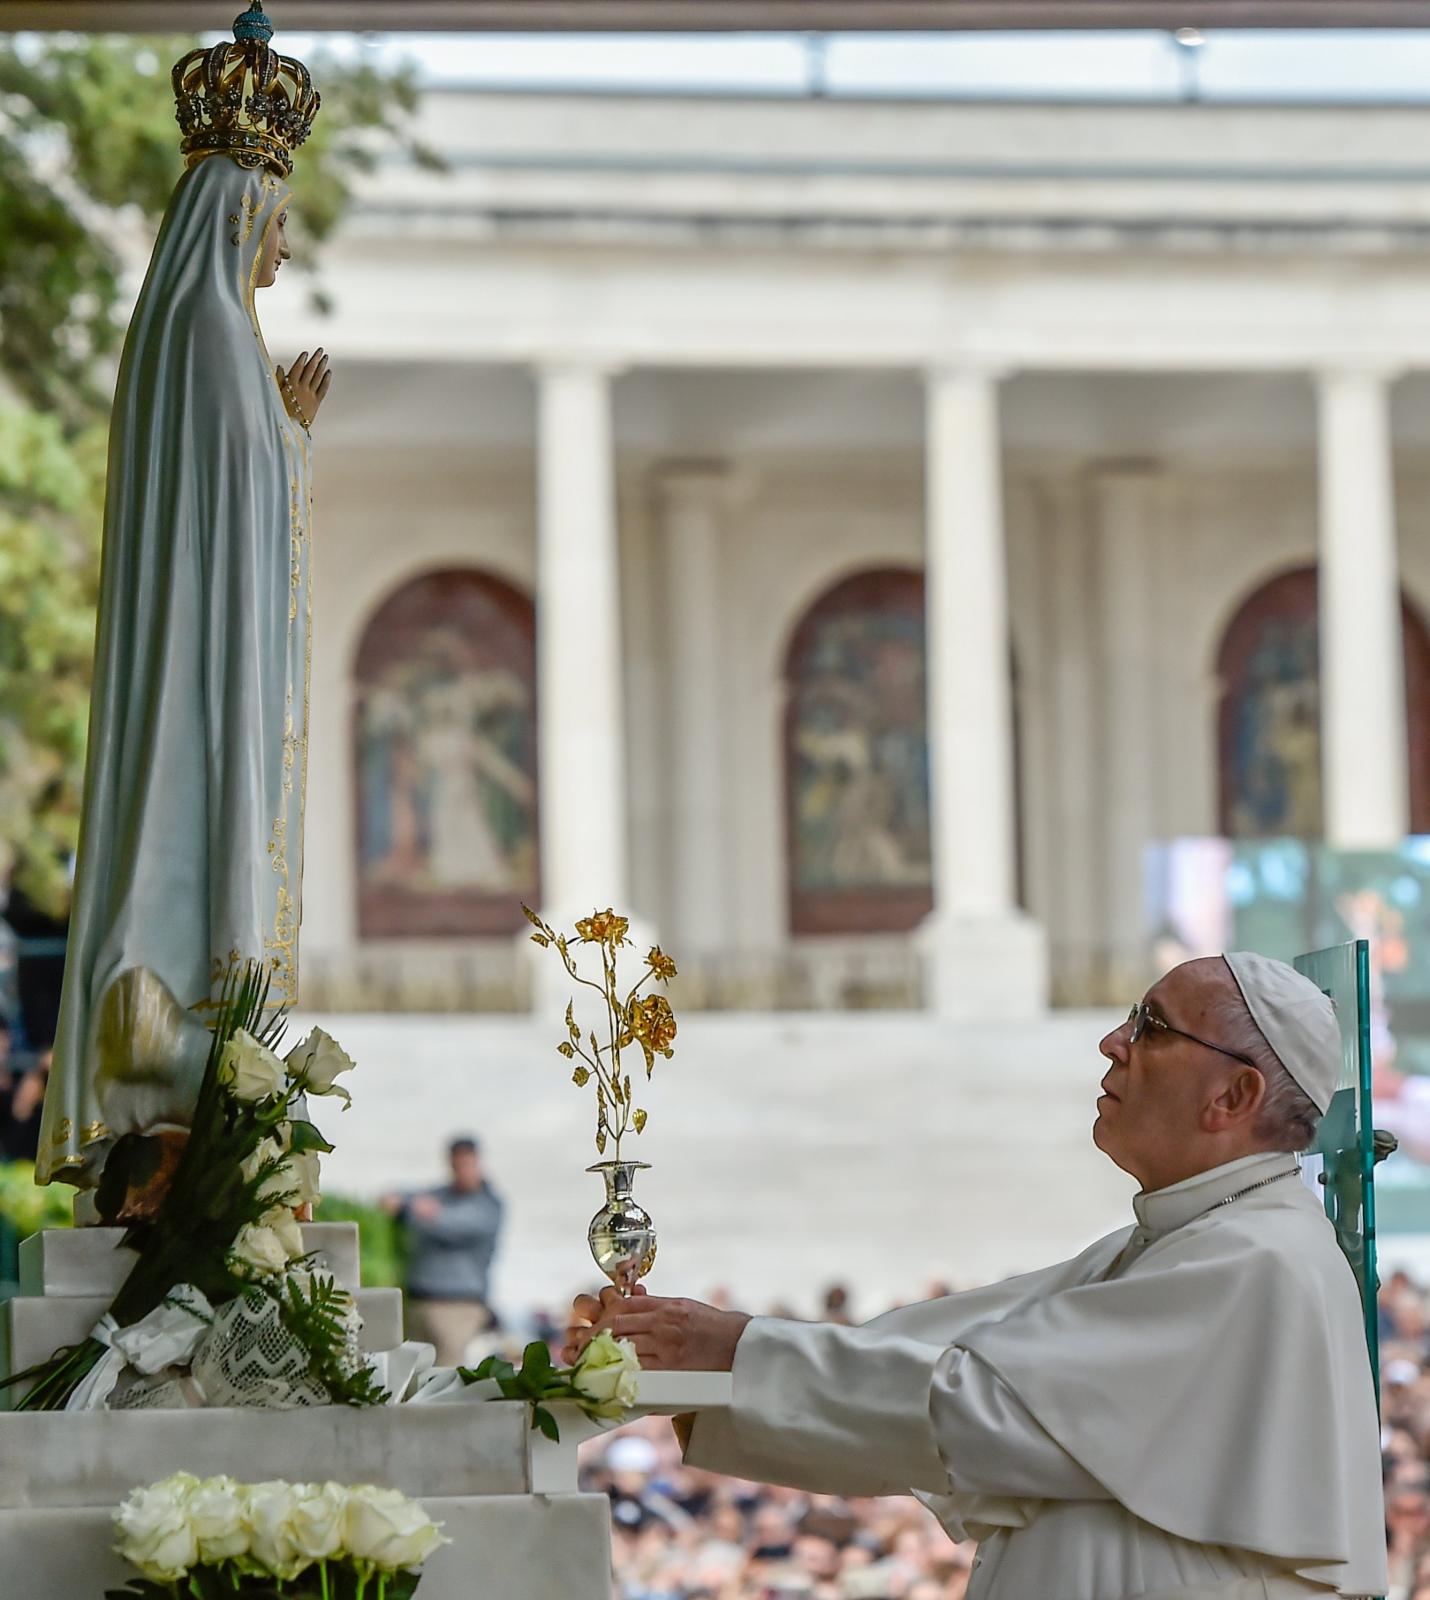 Papież Franciszek w Portugalii. fot. EPA/NUNO ANDRE FERREIRA